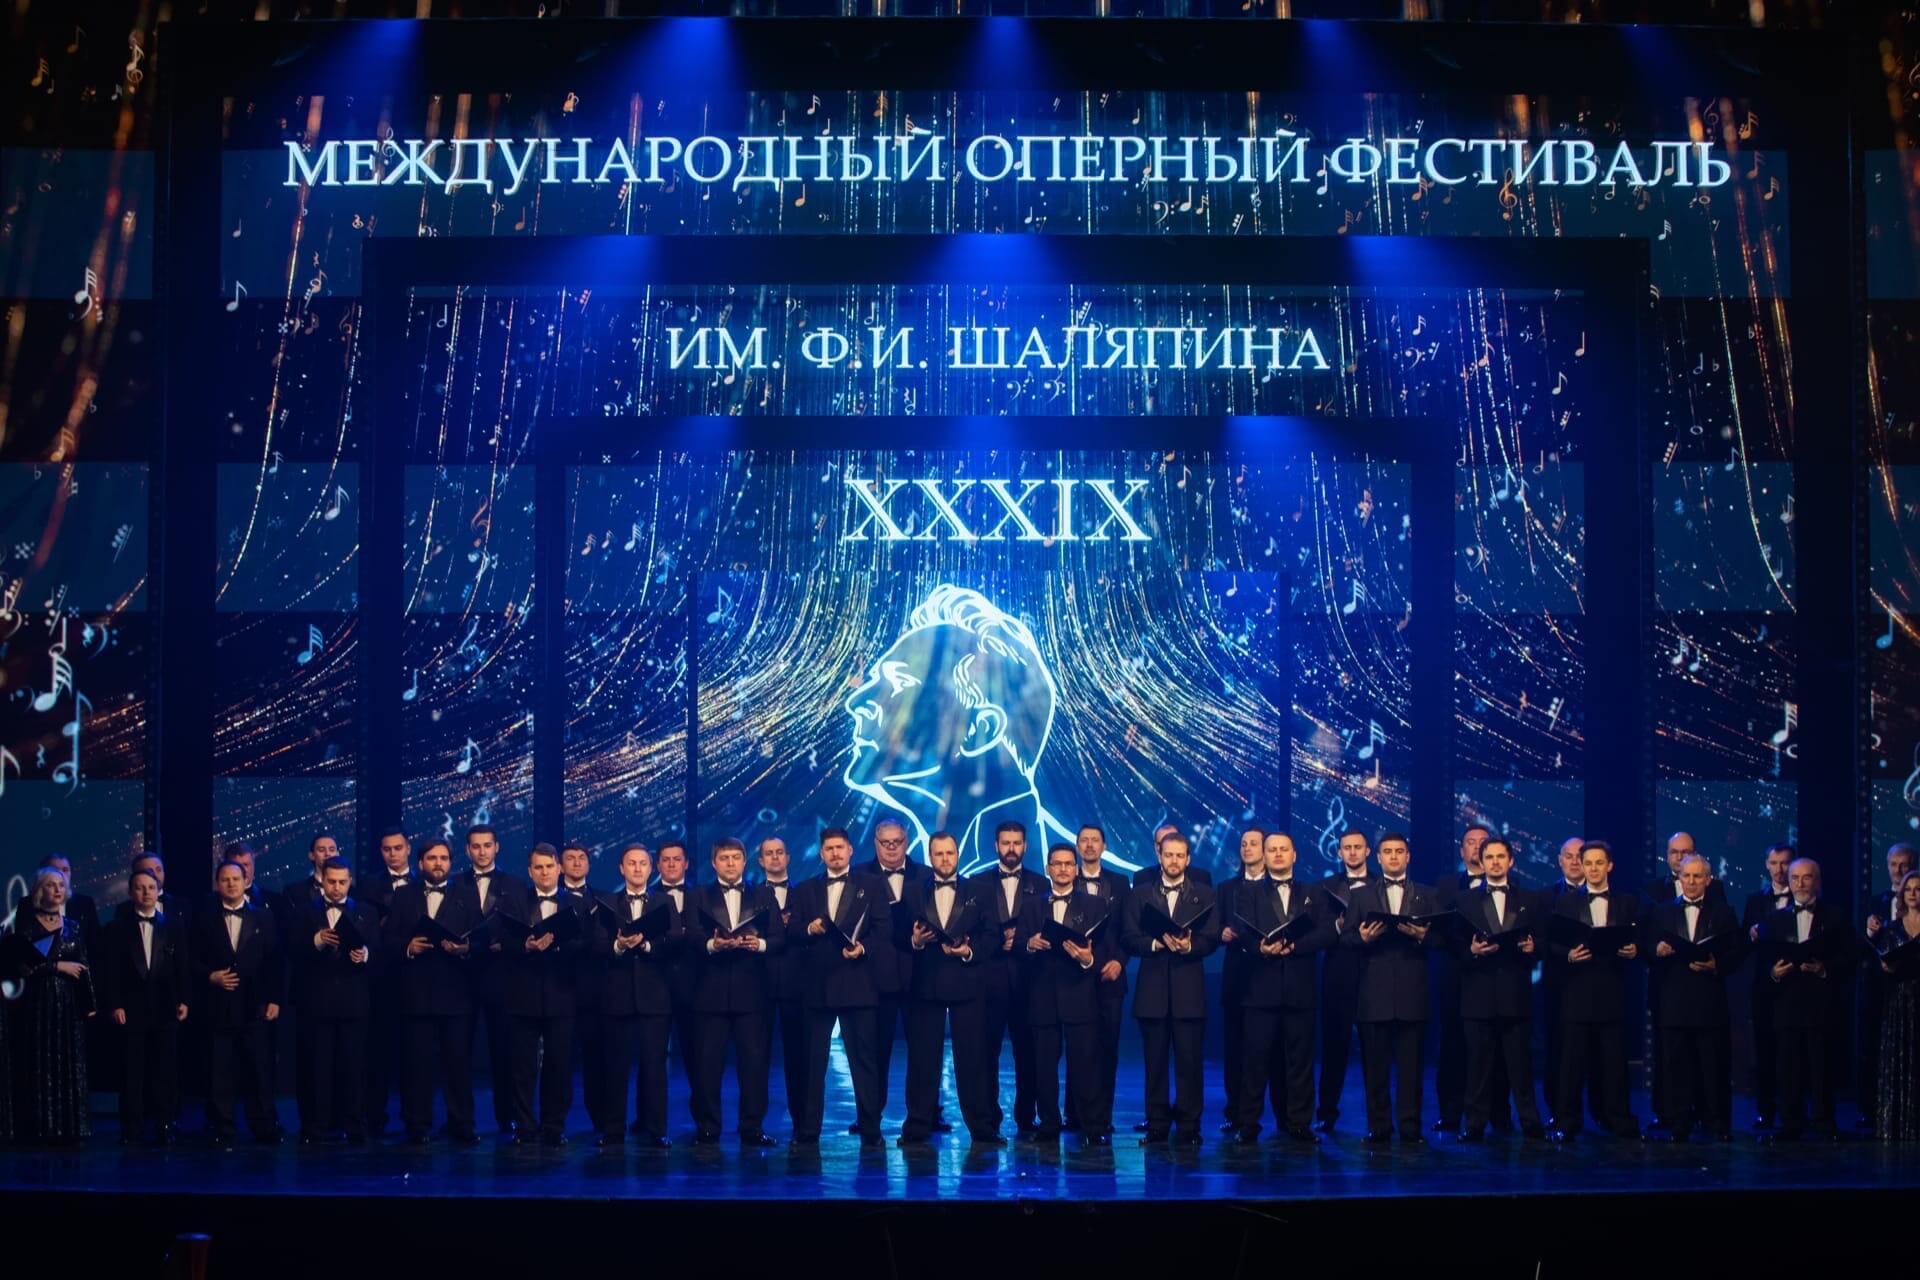 Международный оперный фестиваль имени Ф. И. Шаляпина